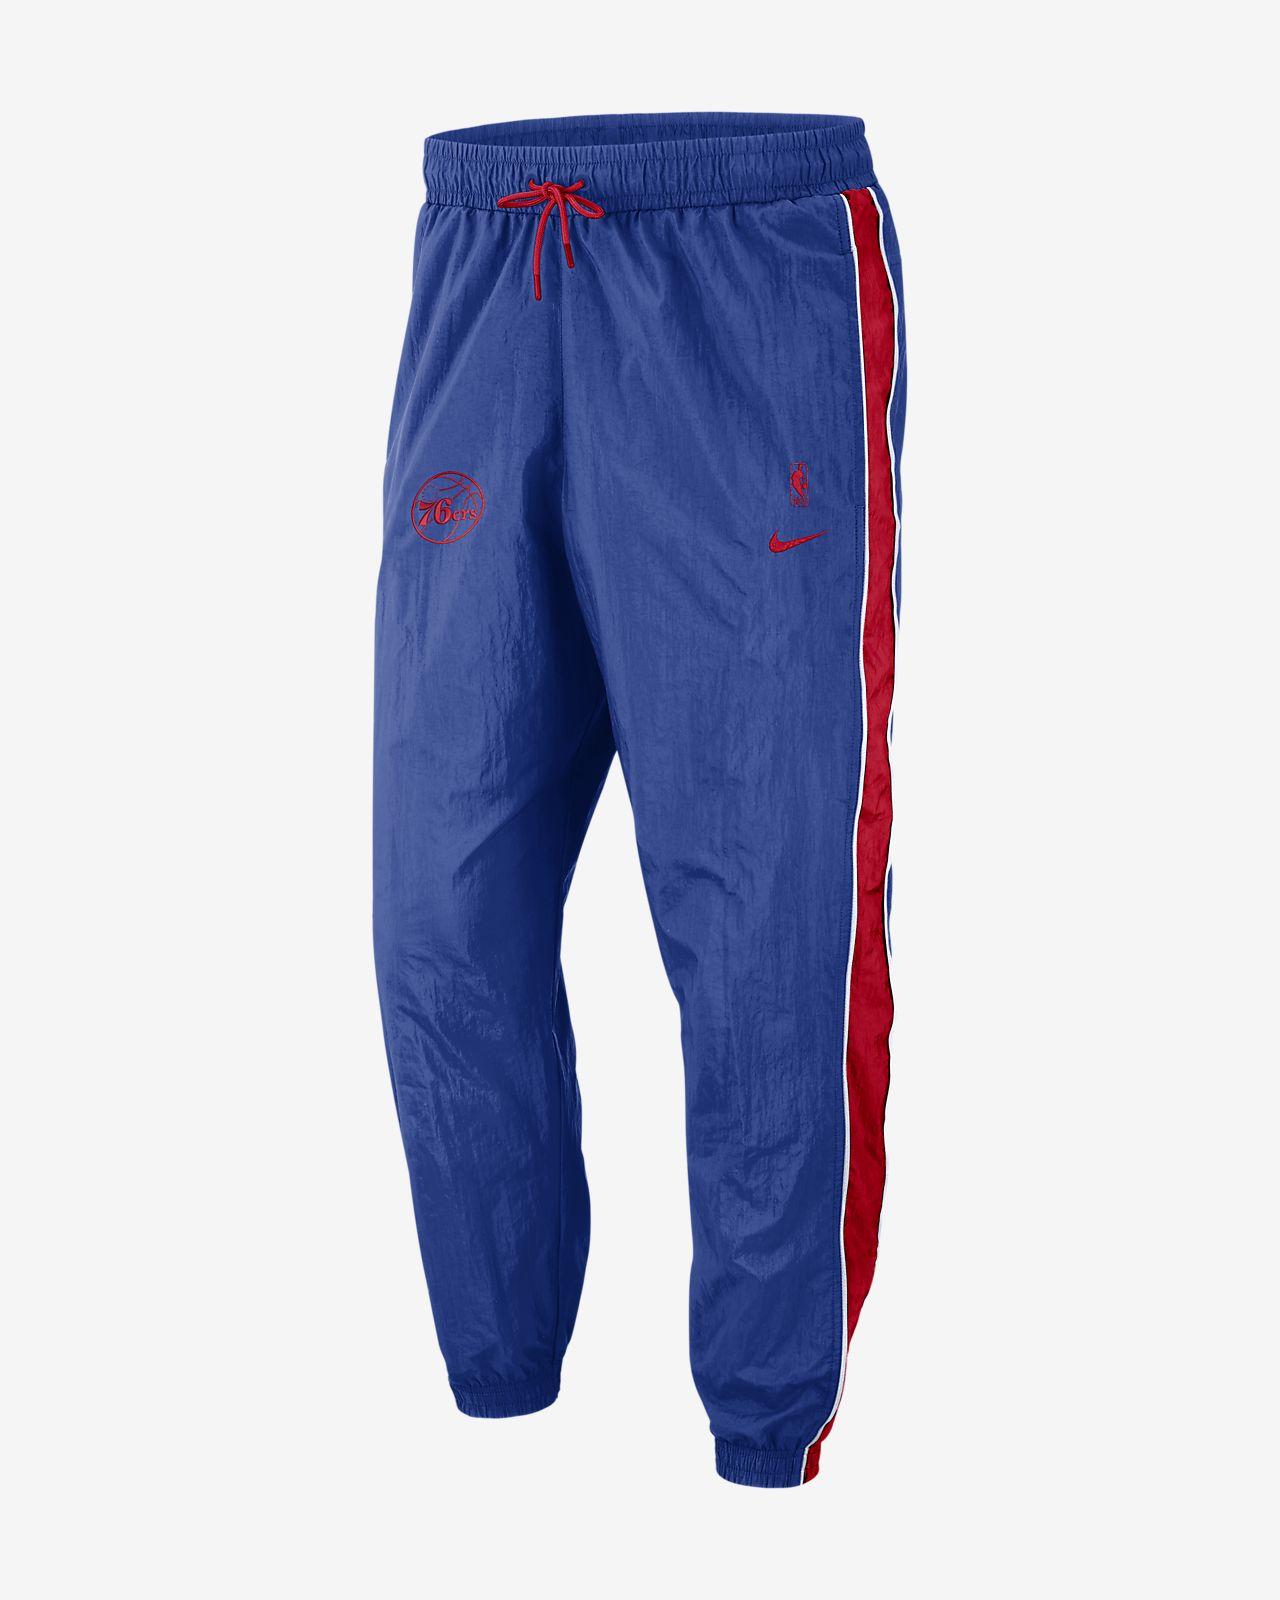 072a711db4d3 Philadelphia 76ers Nike Men s NBA Tracksuit Pants. Nike.com